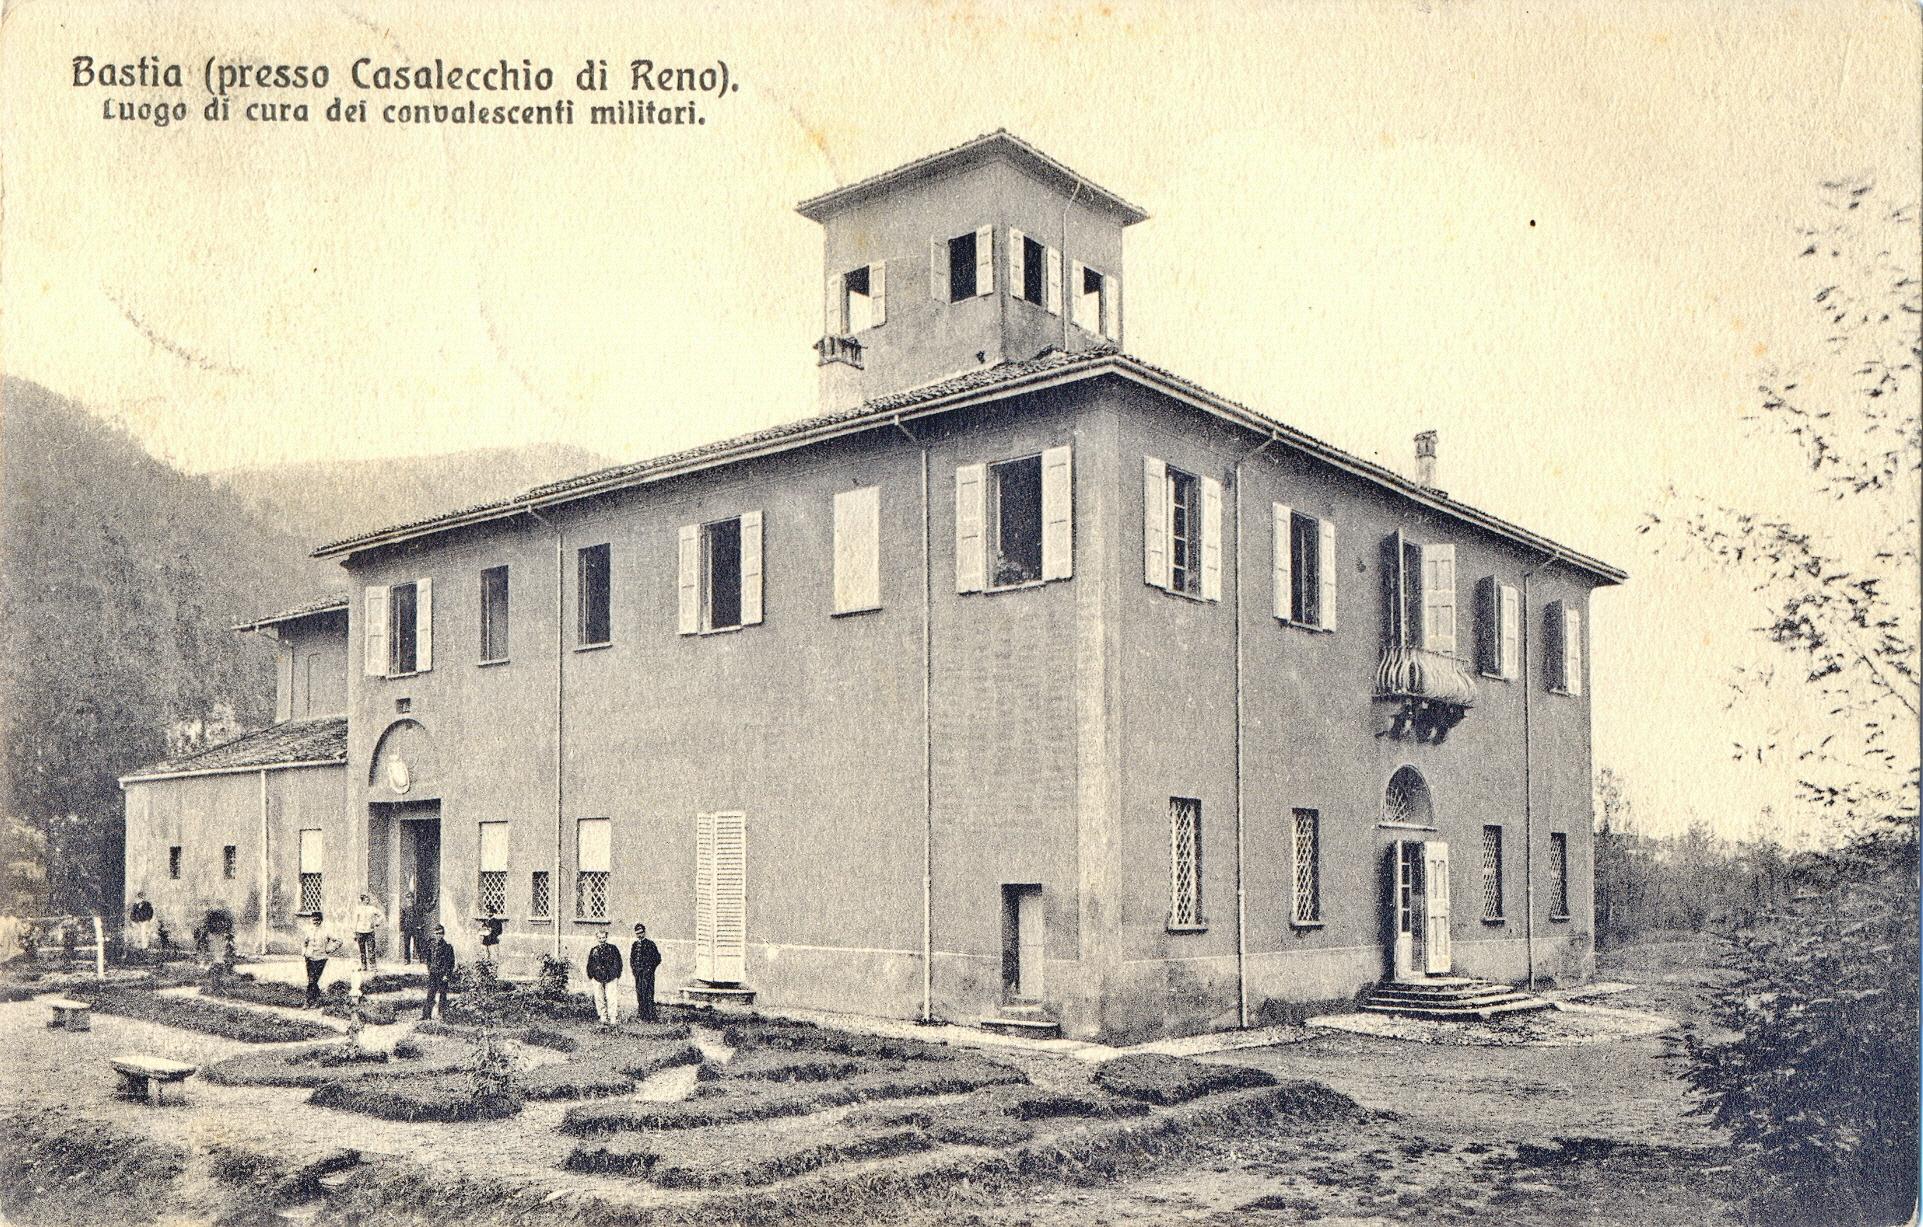 La Bastia, convalescenziario militare